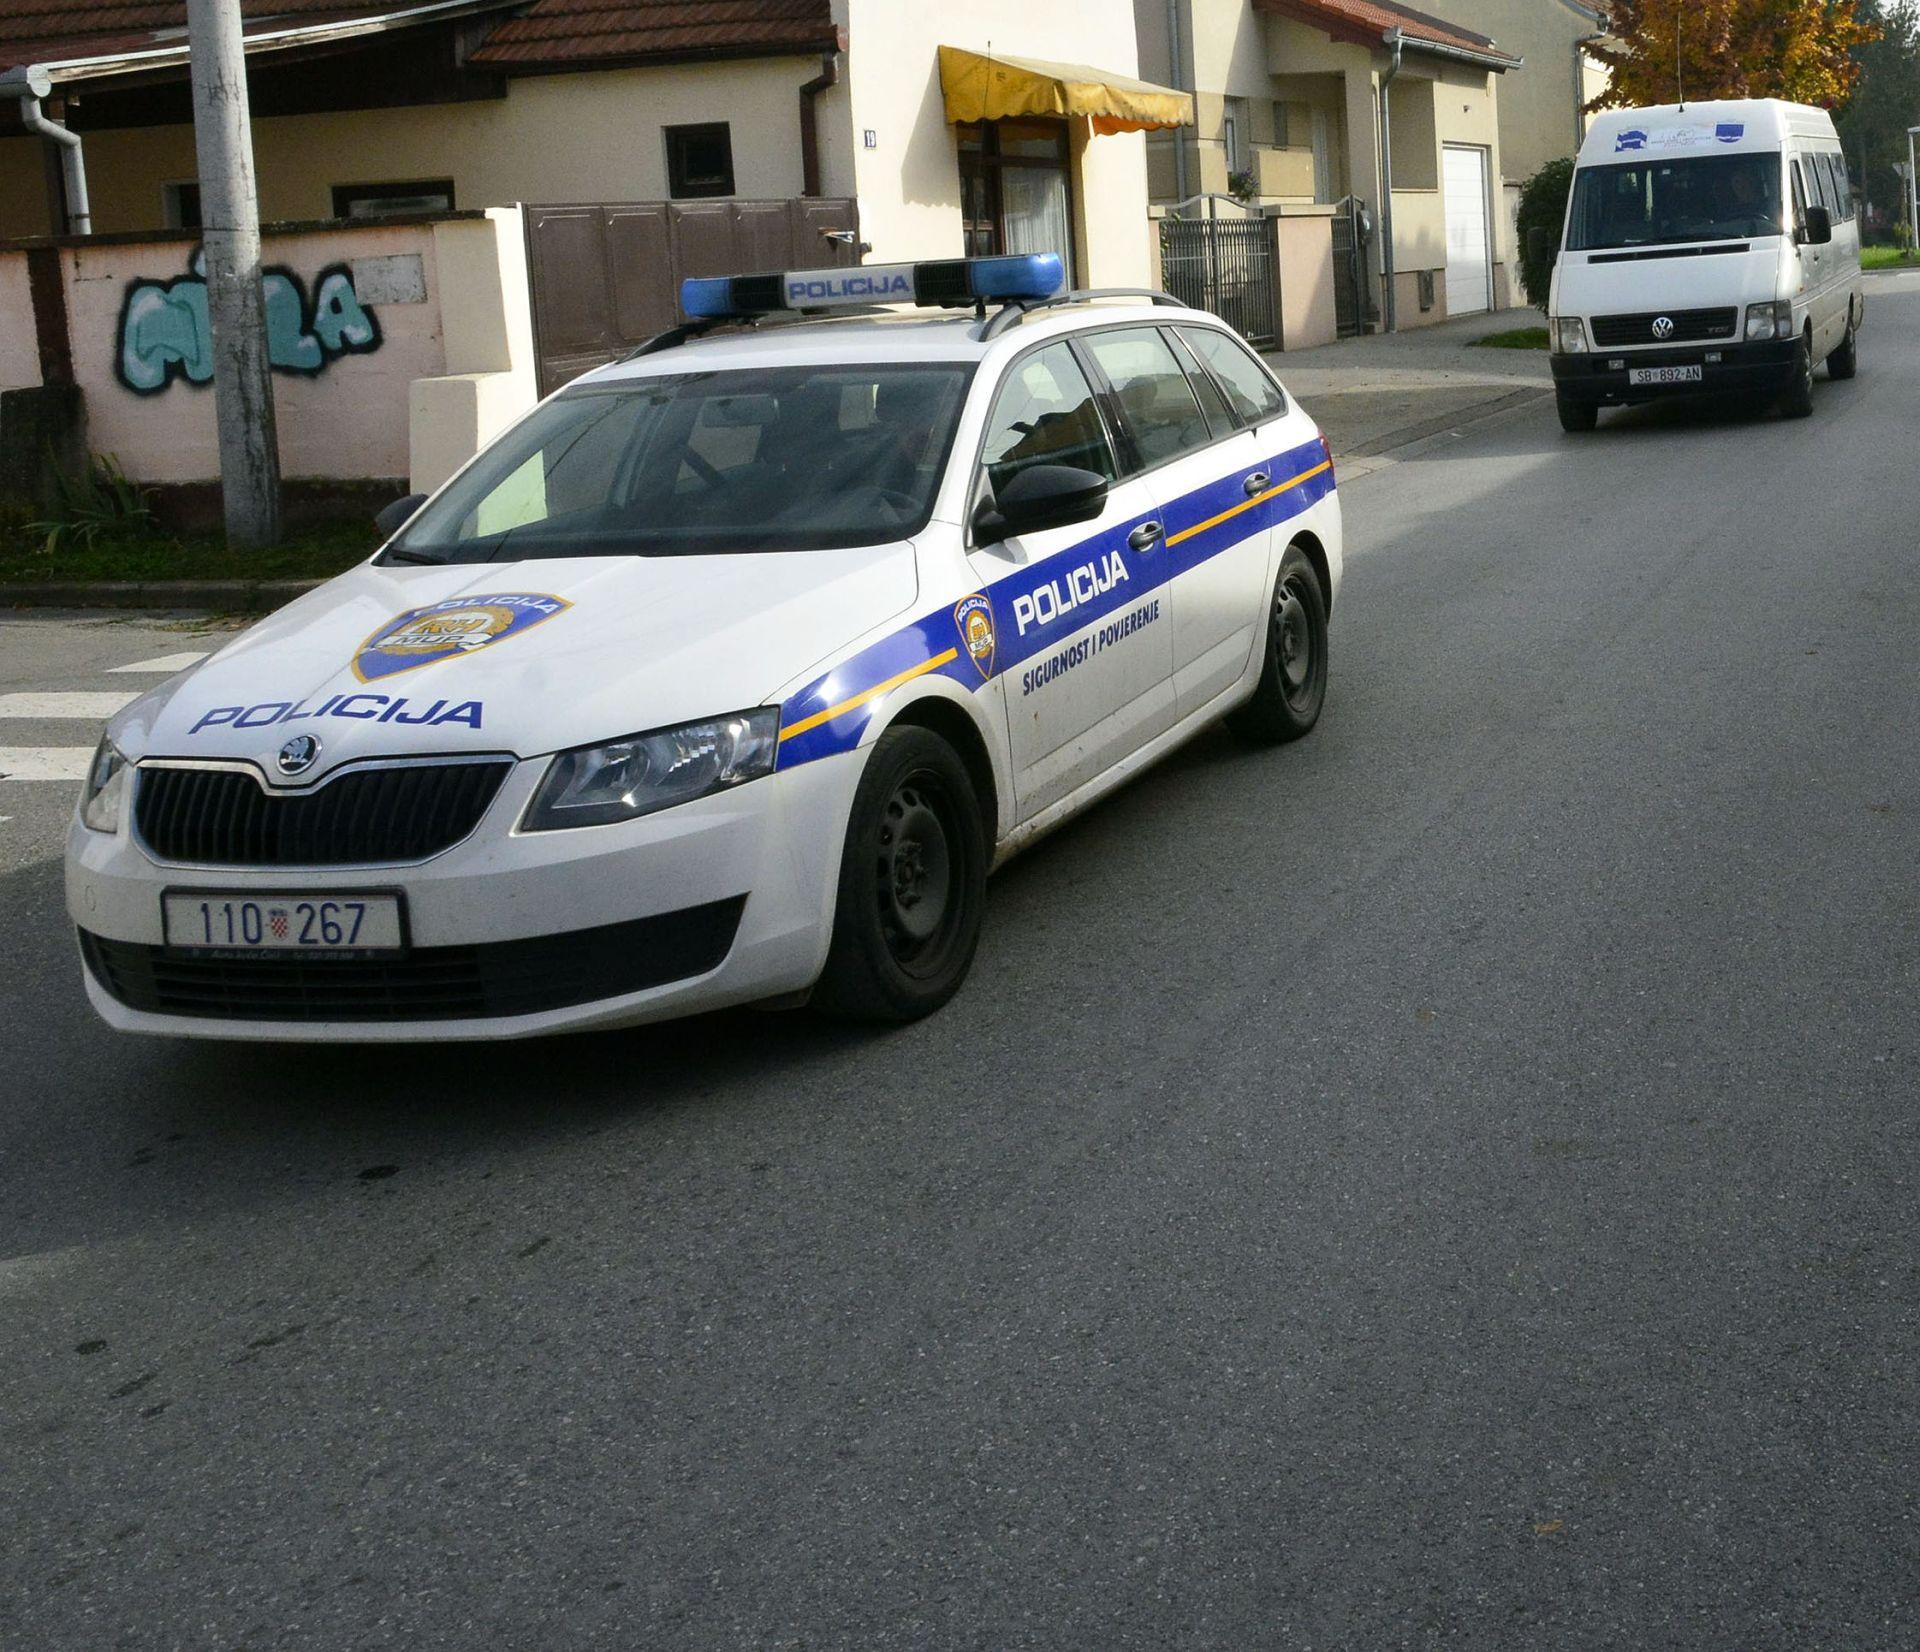 UBOJSTVA U SLAVONSKOM BRODU: Dovršeno kriminalističko istraživanje, slučaj riješen